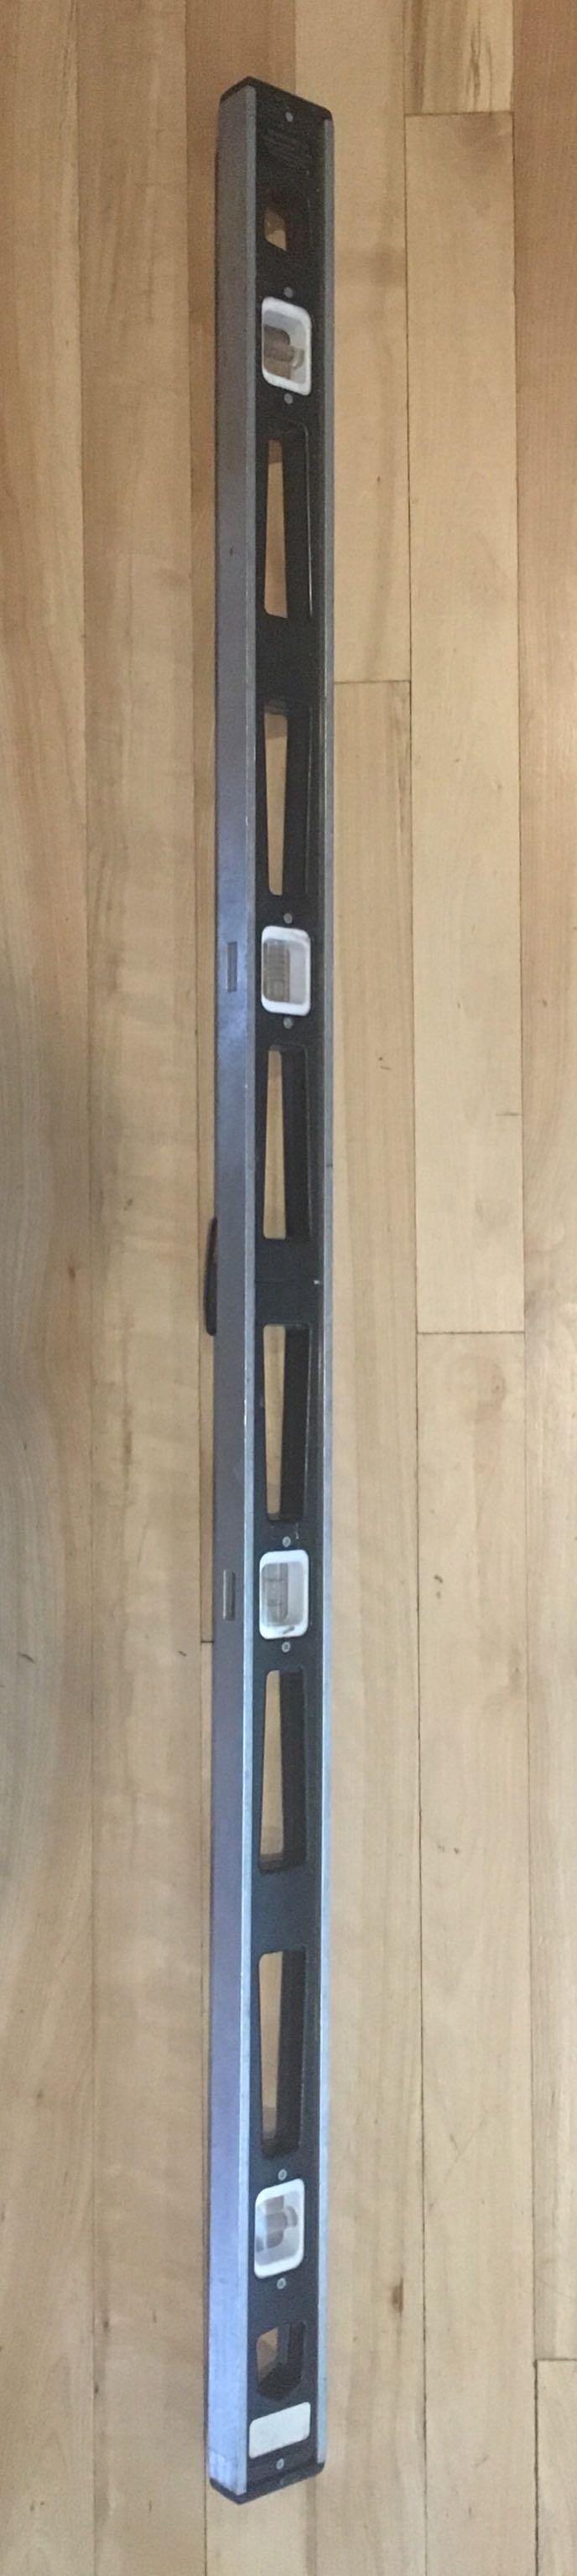 4-foot carpenters level